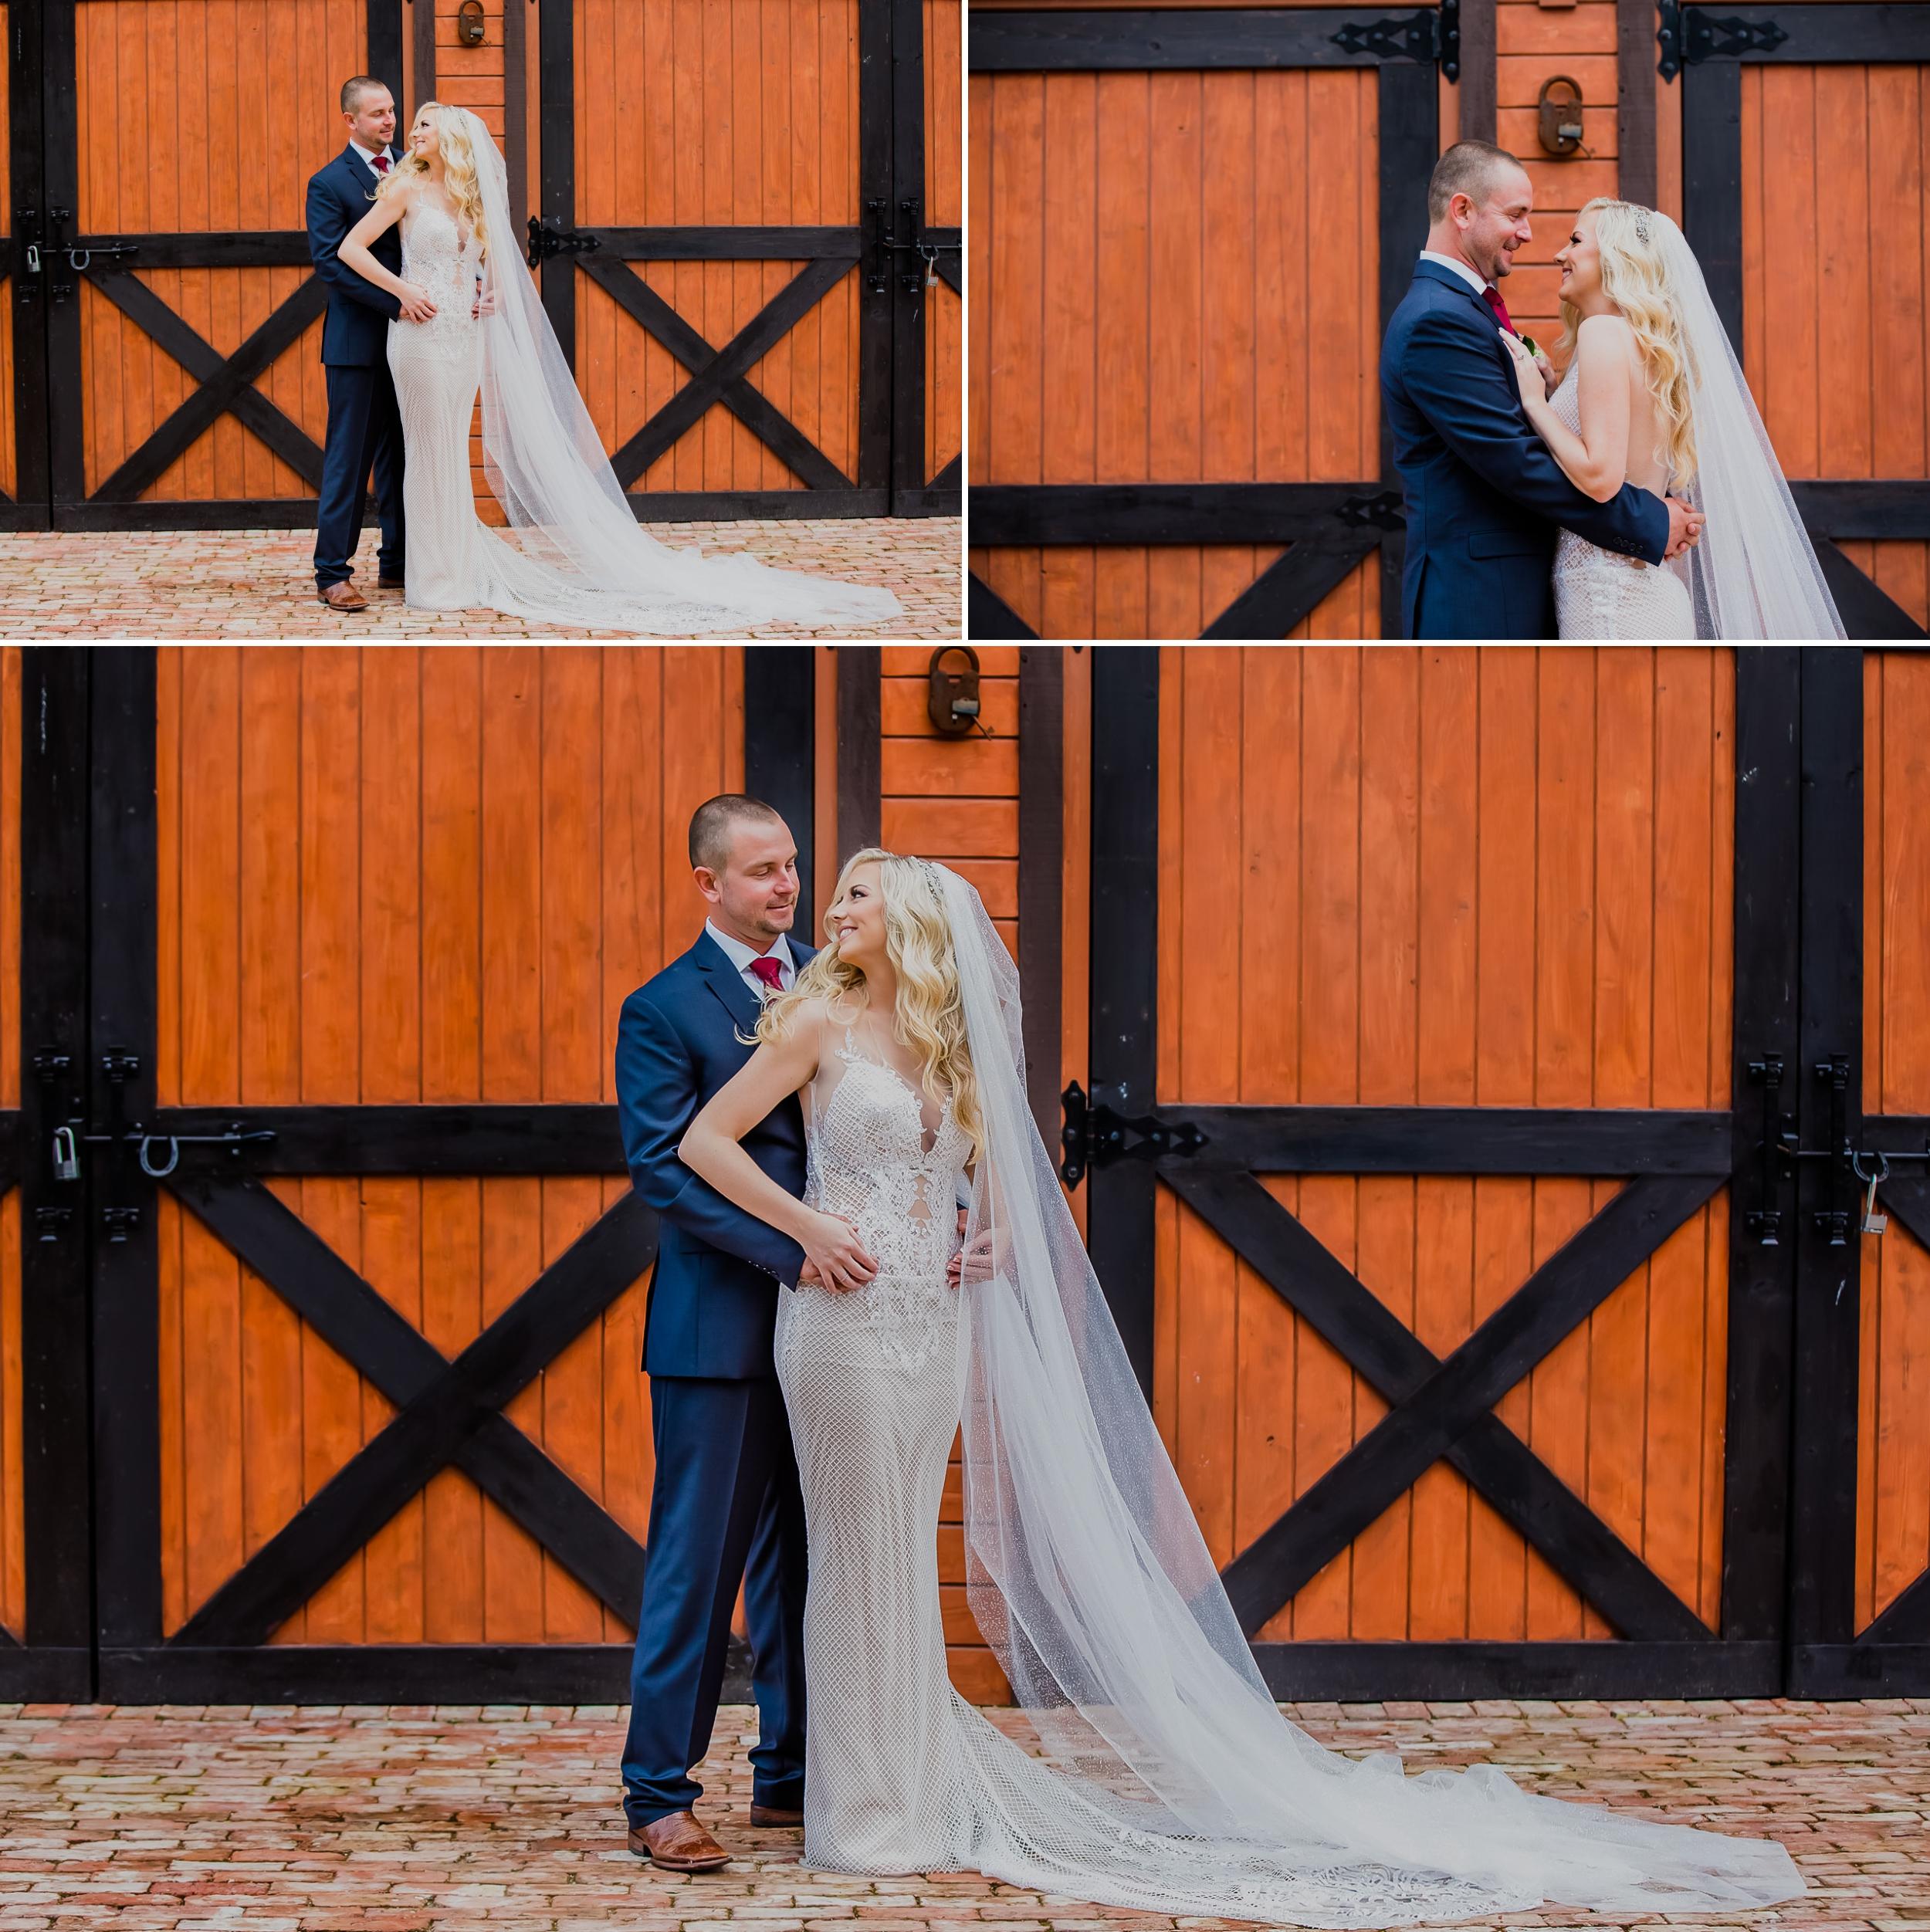 Wedding Redland Farm Life - Santy Martinez Photography 13.jpg